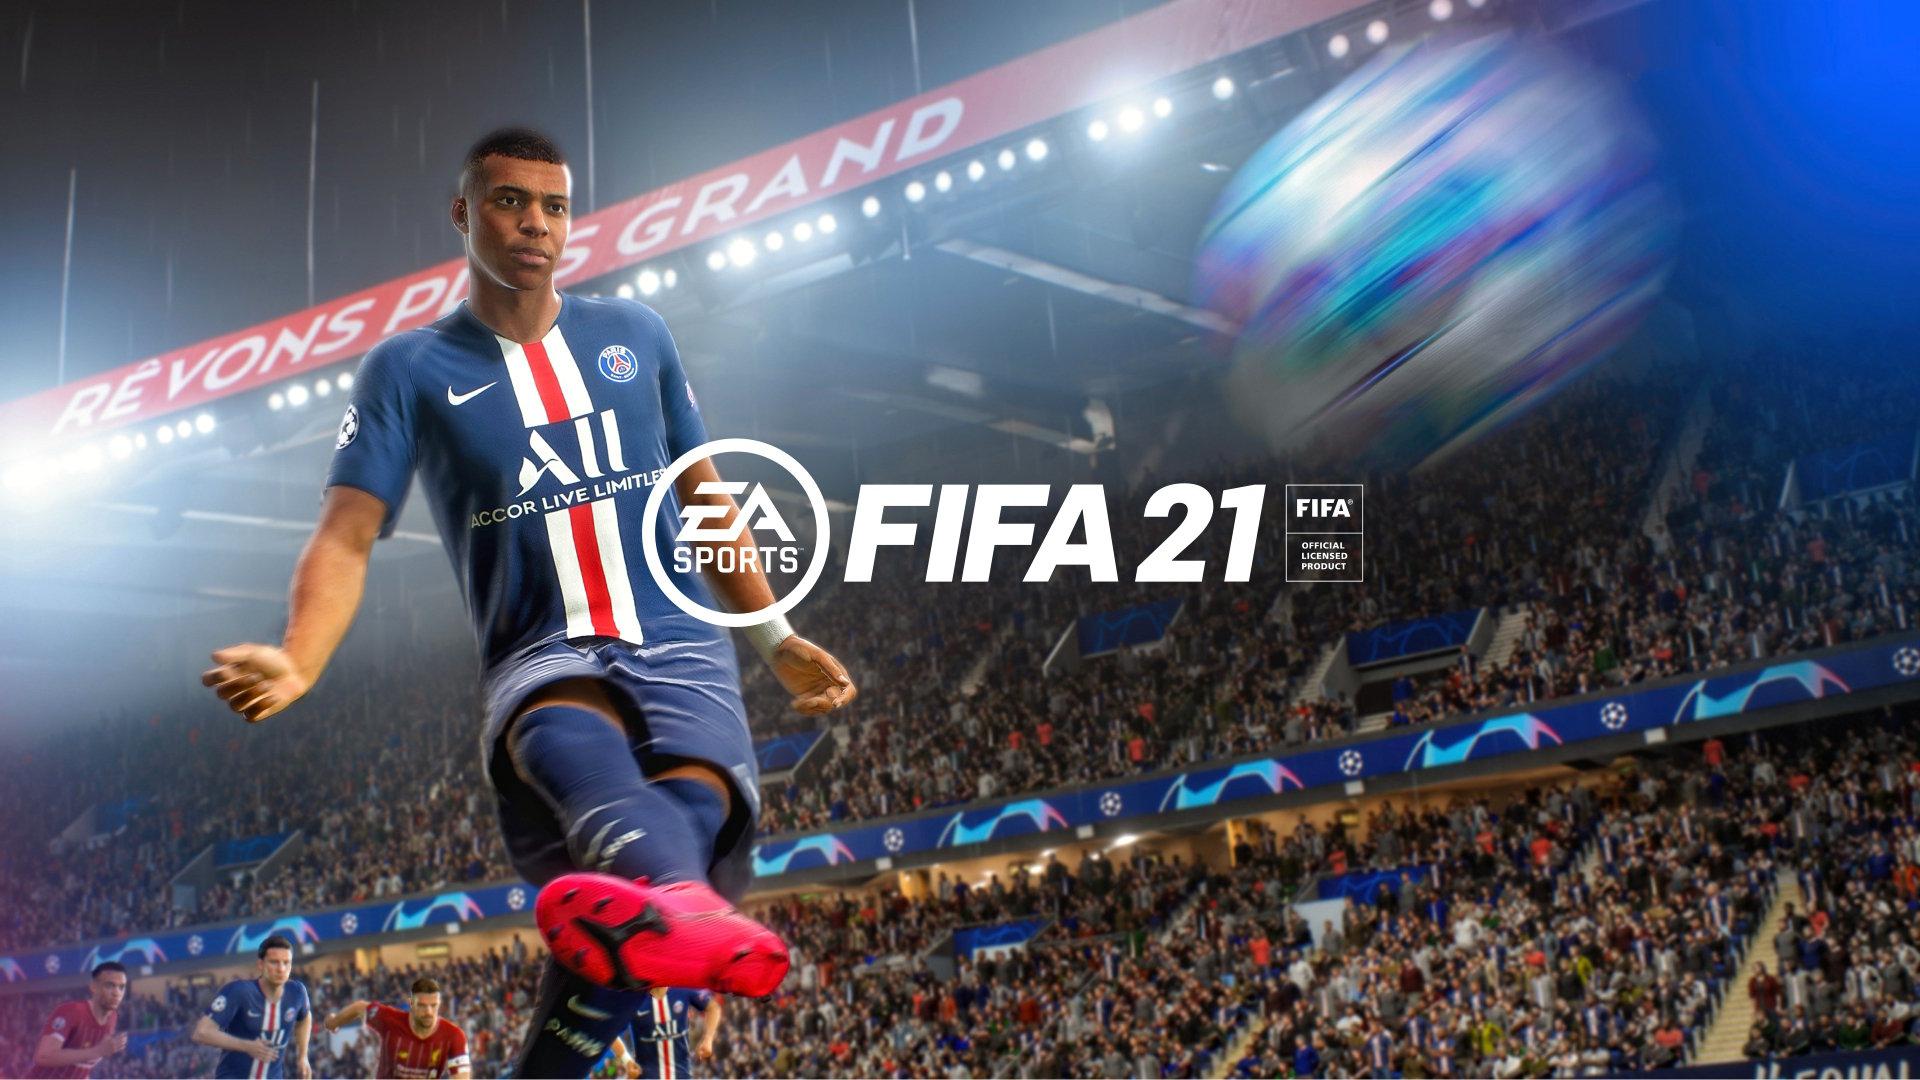 FIFA 21 PC Minimum ve Önerilen Sistem Gereksinimleri, Çıkış Tarihi ve Çifte Fırsat Detayları